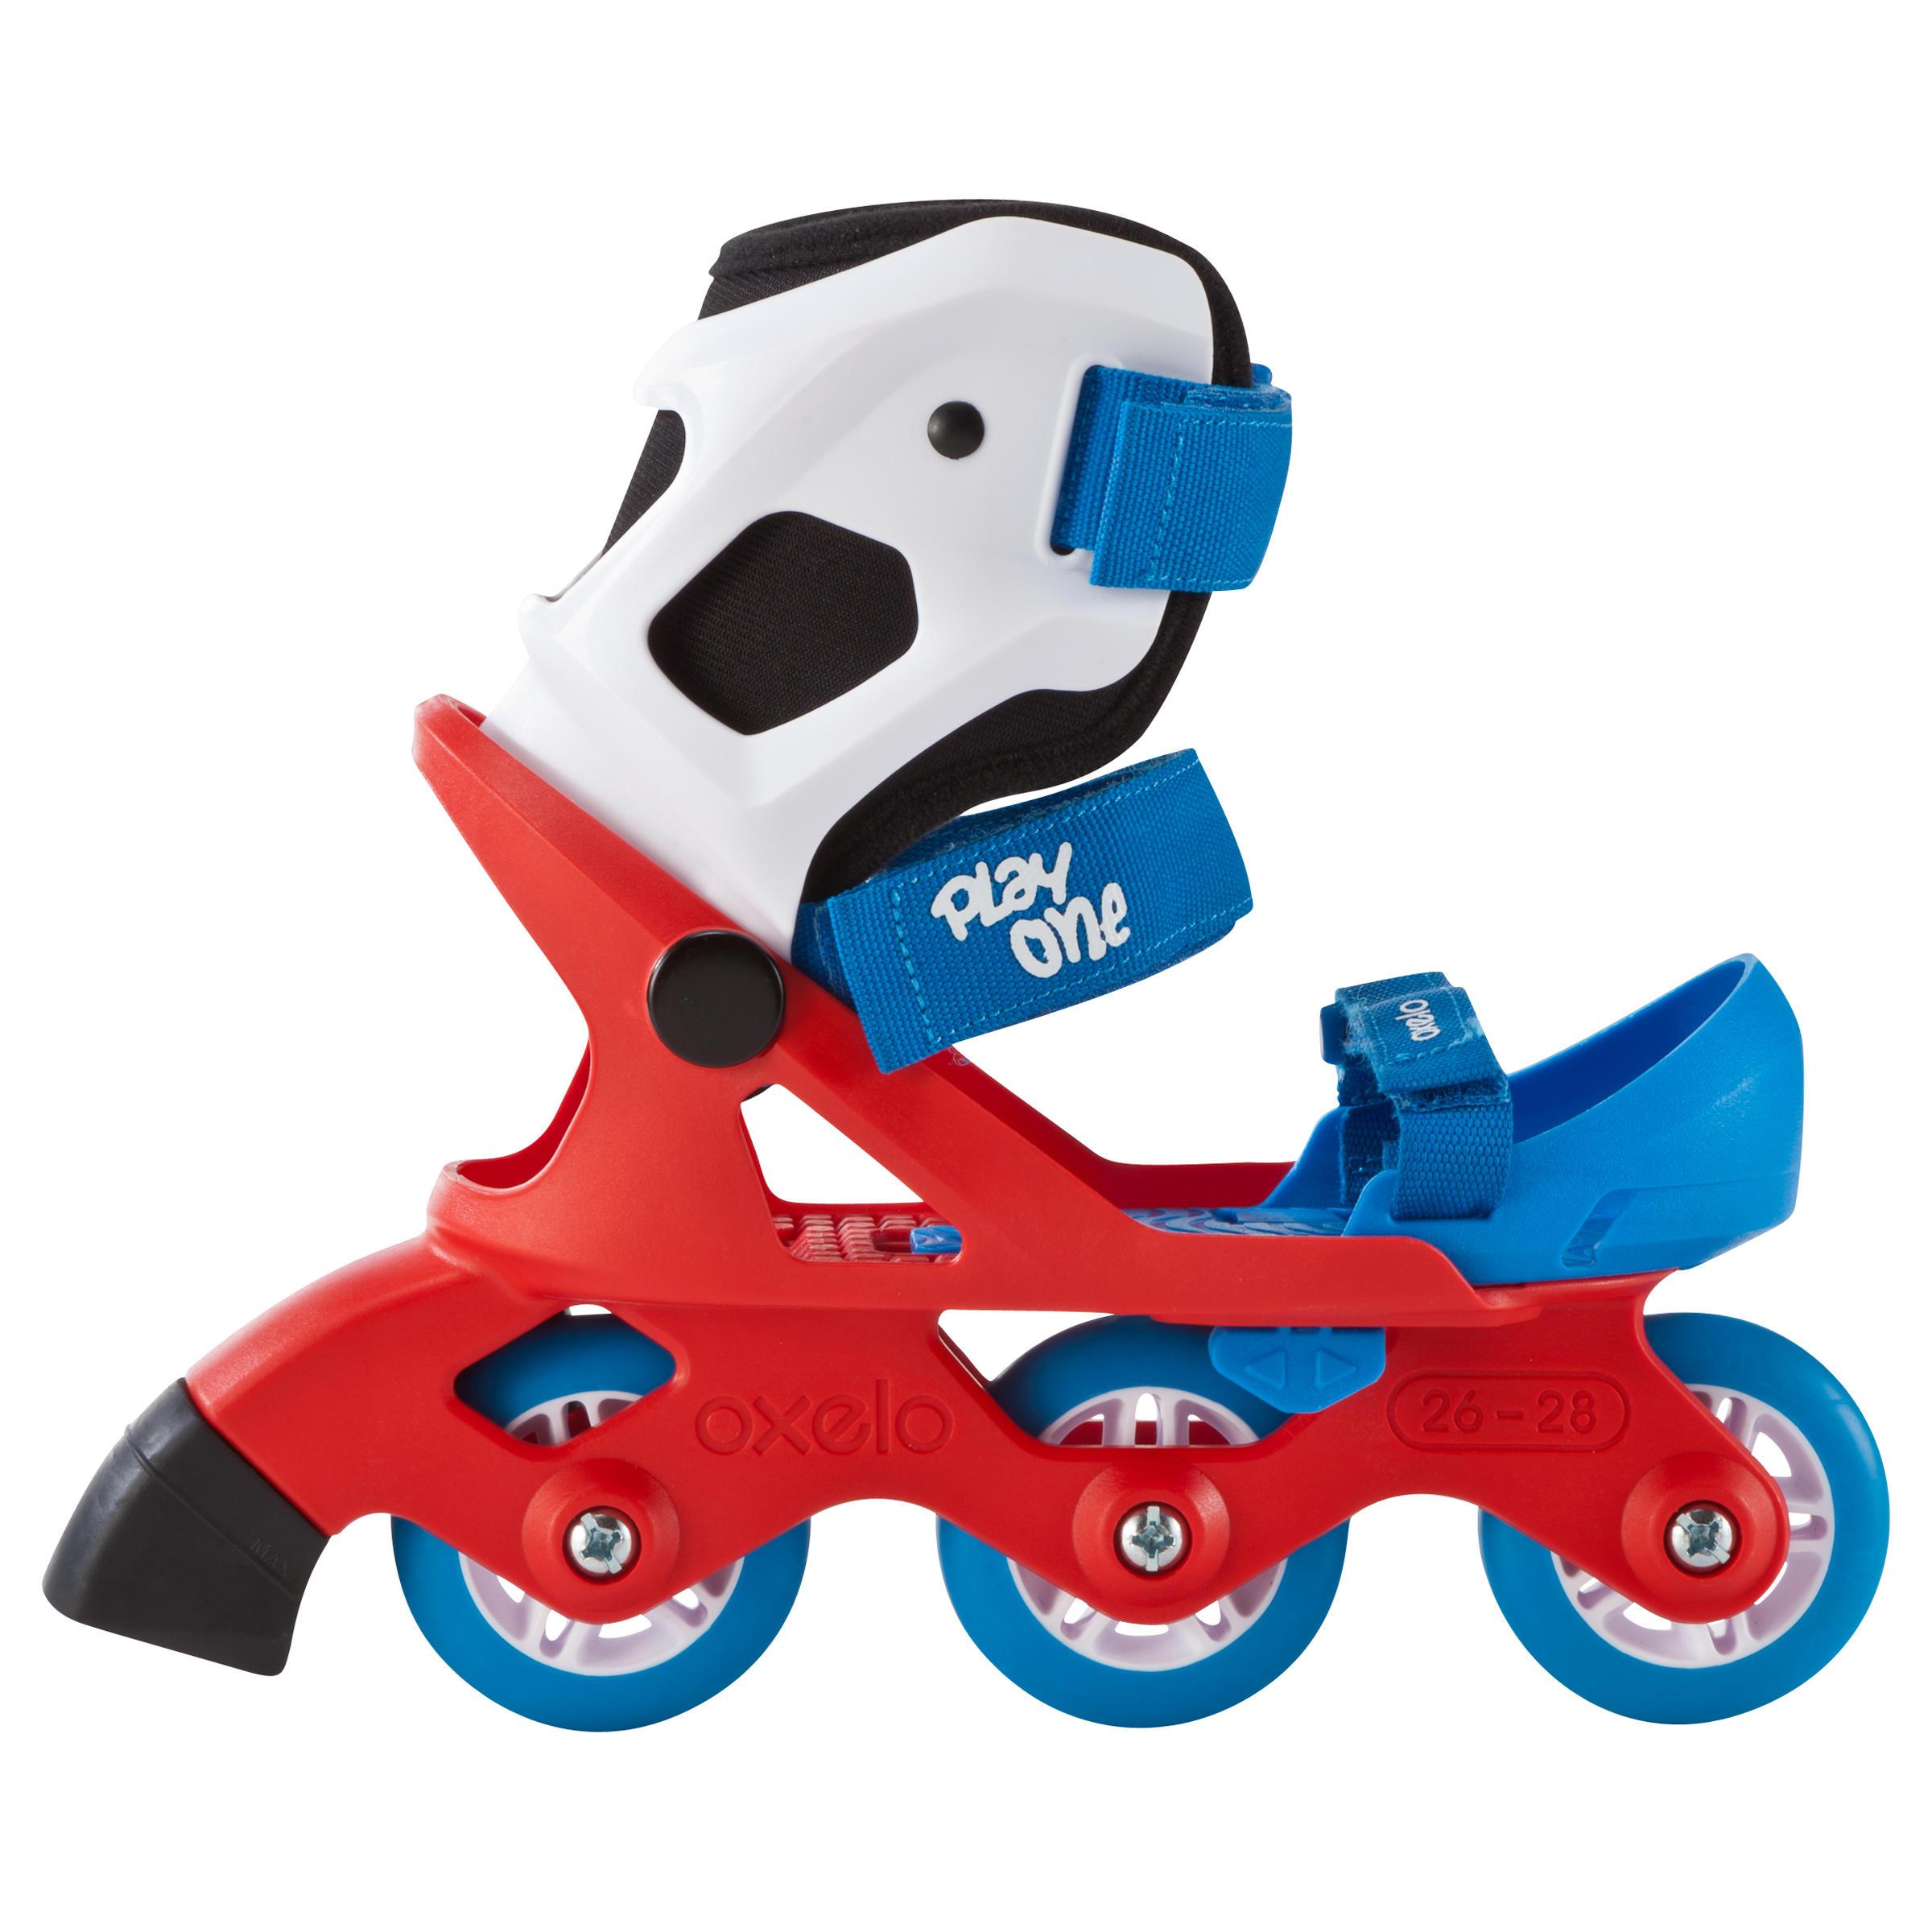 Roller découverte garçon PLAY ONE bleu & rouge